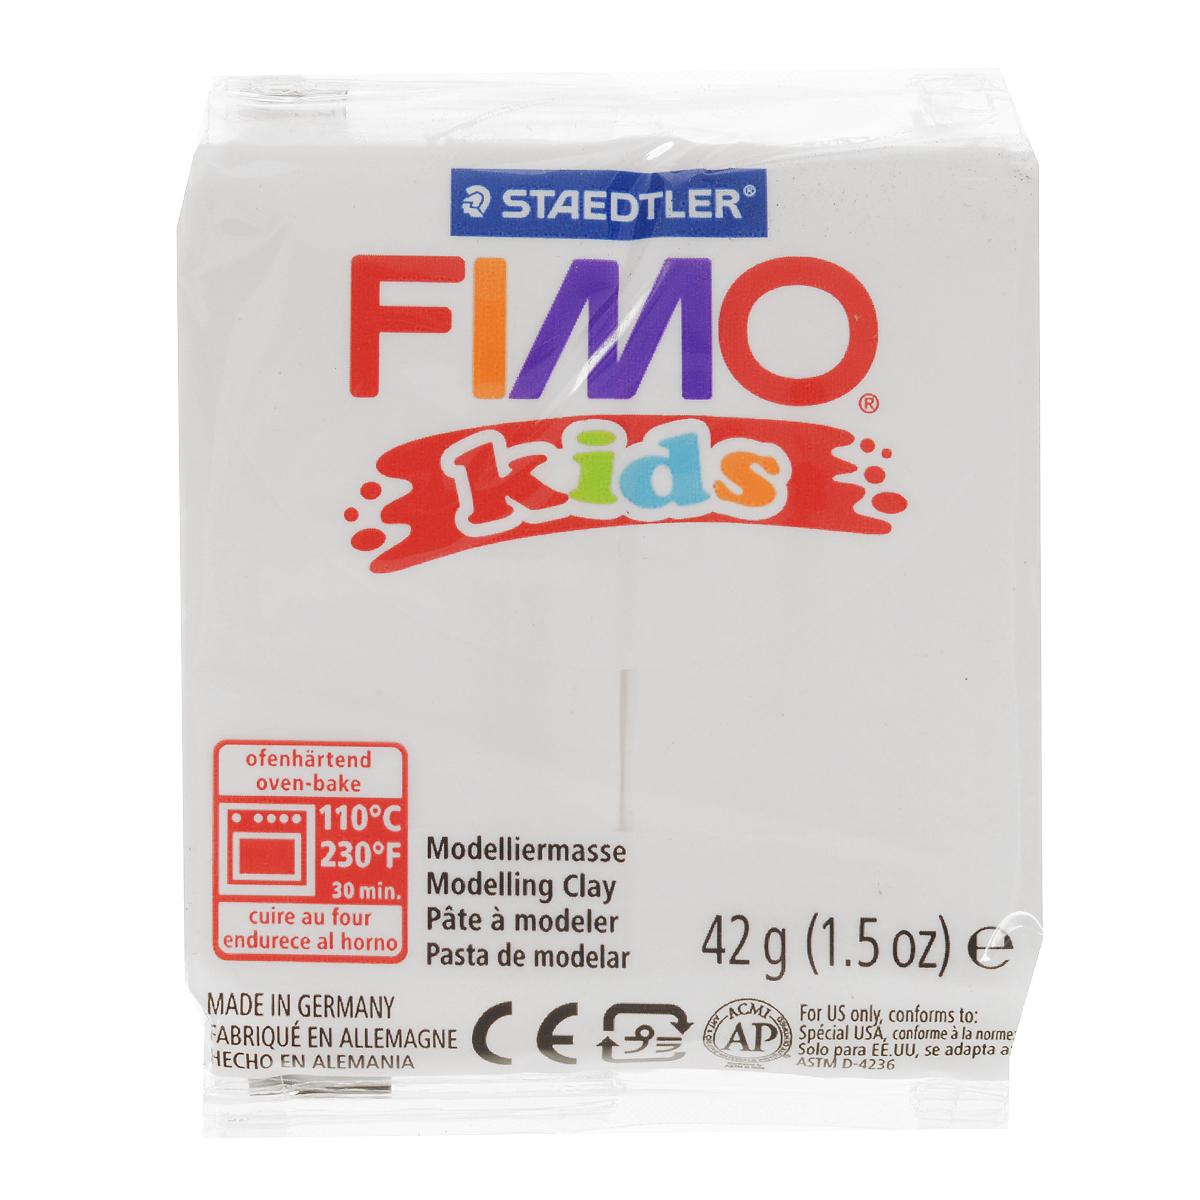 ���������� ����� Fimo Kids, ����: �����, 42 � - Fimo8030-0������ ����� �� ���������� ������ (��������) Fimo Kids �������� �������� ��� ����� ��������� ������� (���������, �����������, �����) � ��� �������������. ����� �������� ��������� ����������� ����������, ������ ������������ � �������, ����� ����������� ����� �����, ��������� ���� ����� ������� �������� ���������� ������� ����� ������ � ��������, �� ����� ������. �������� �������� ��� ������ � ������. ���� �������� �� 2 ��������, ��� ��������� ����� ��������� ����� �� ������. � �������� �������� ������� ������� ���������� � ������� ����� ��� ����������� 110�� � ������� 15-30 ����� (� ����������� �� �������� �������). ����������� ������� ����� ���� ���������� ���������� ��������, ������� �����, ������� ���� � ������ ��� � ������� �����������.